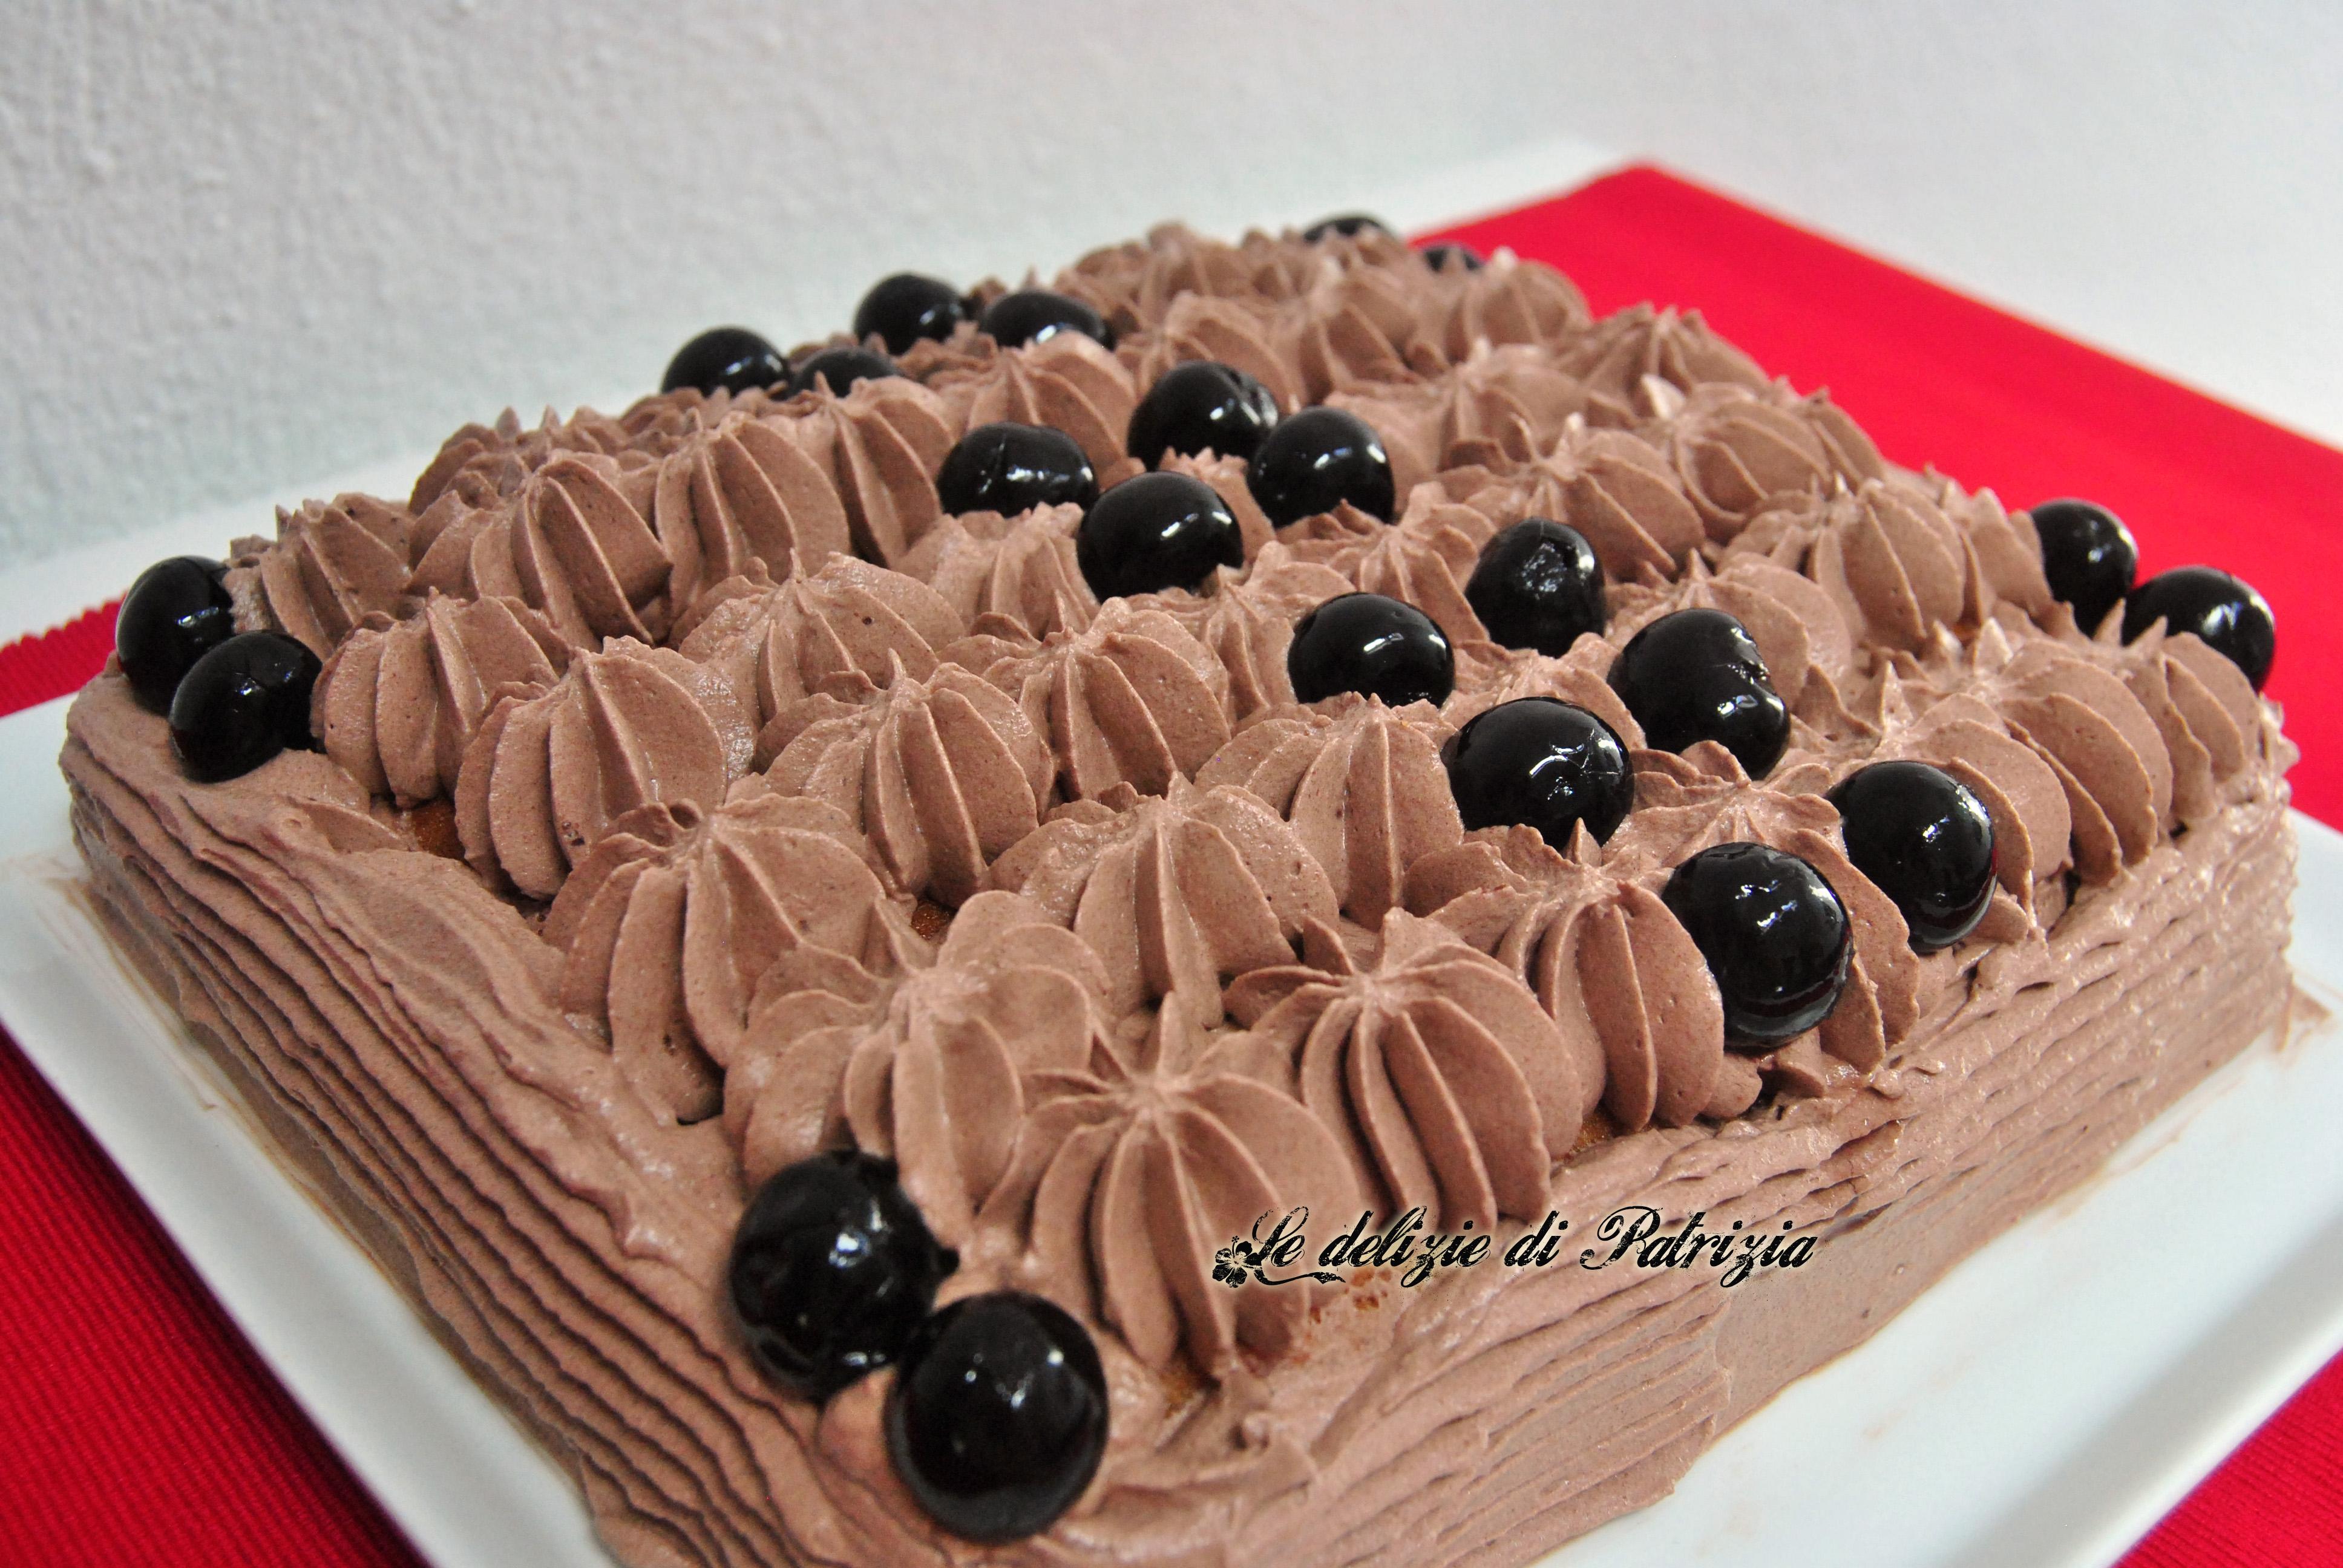 Torta con chantilly al cioccolato e ciliegie sciroppate